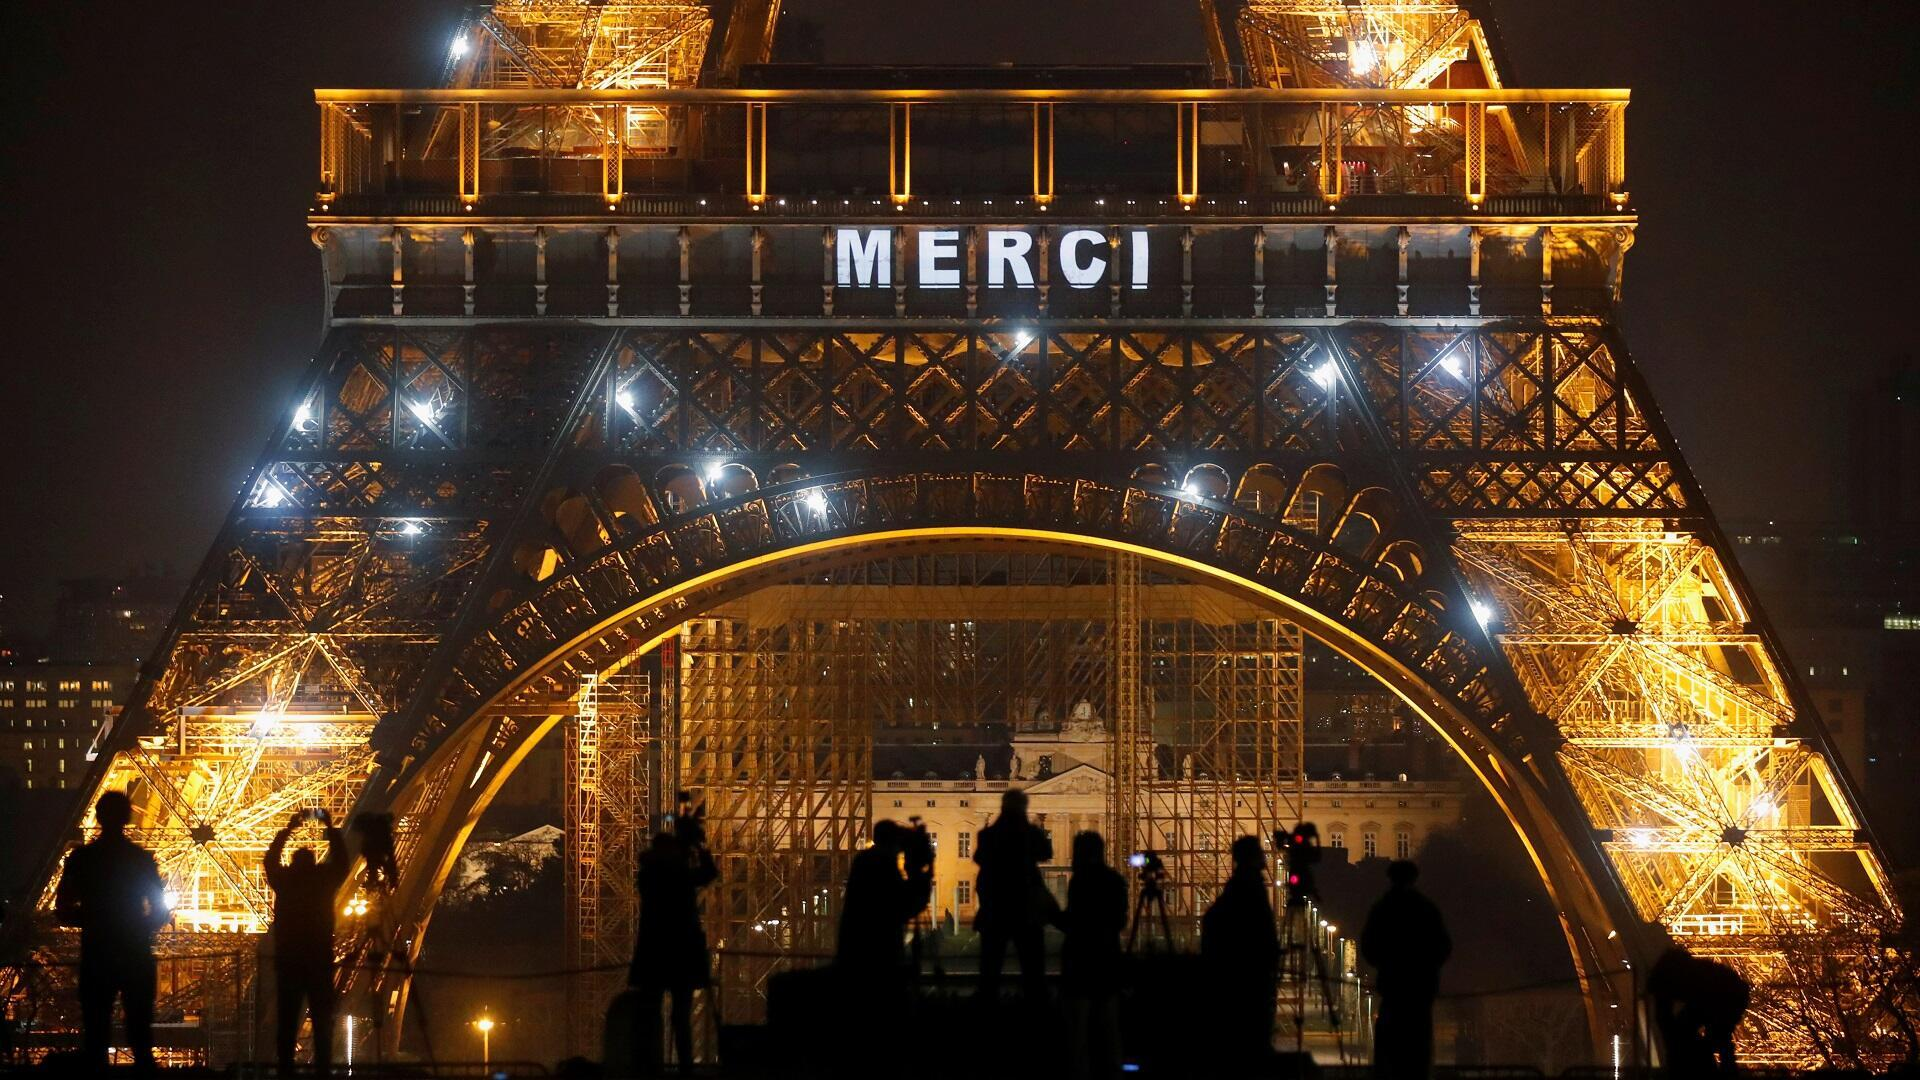 برج إيفل بالعاصمة الفرنسية باريس يضاء بكلمة شكرا تعبيرا عن الامتنان للعاملين في قطاع الصحة لدورهم في مكافحة وباء كورونا، 27 مارس/آذار 2020.